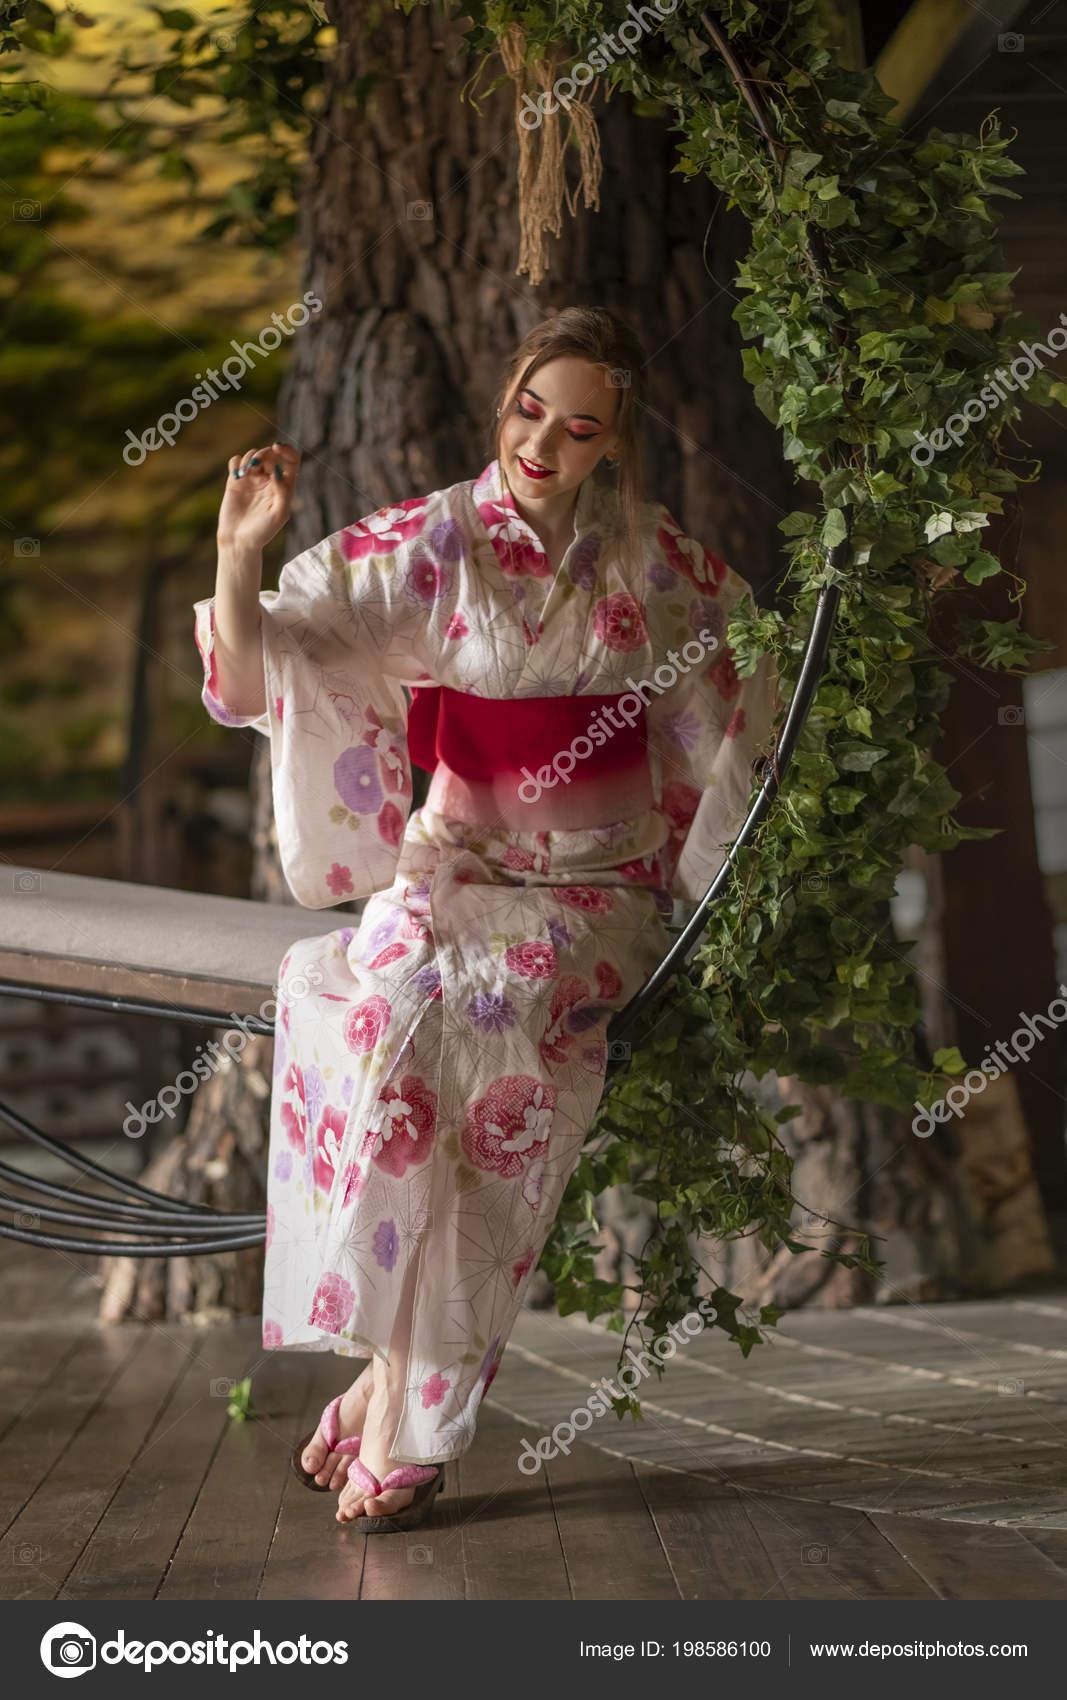 f4dacc552 Una Chica Guapa Piel Clara Con Maquillaje Japon Ropa Japonés — Fotos ...